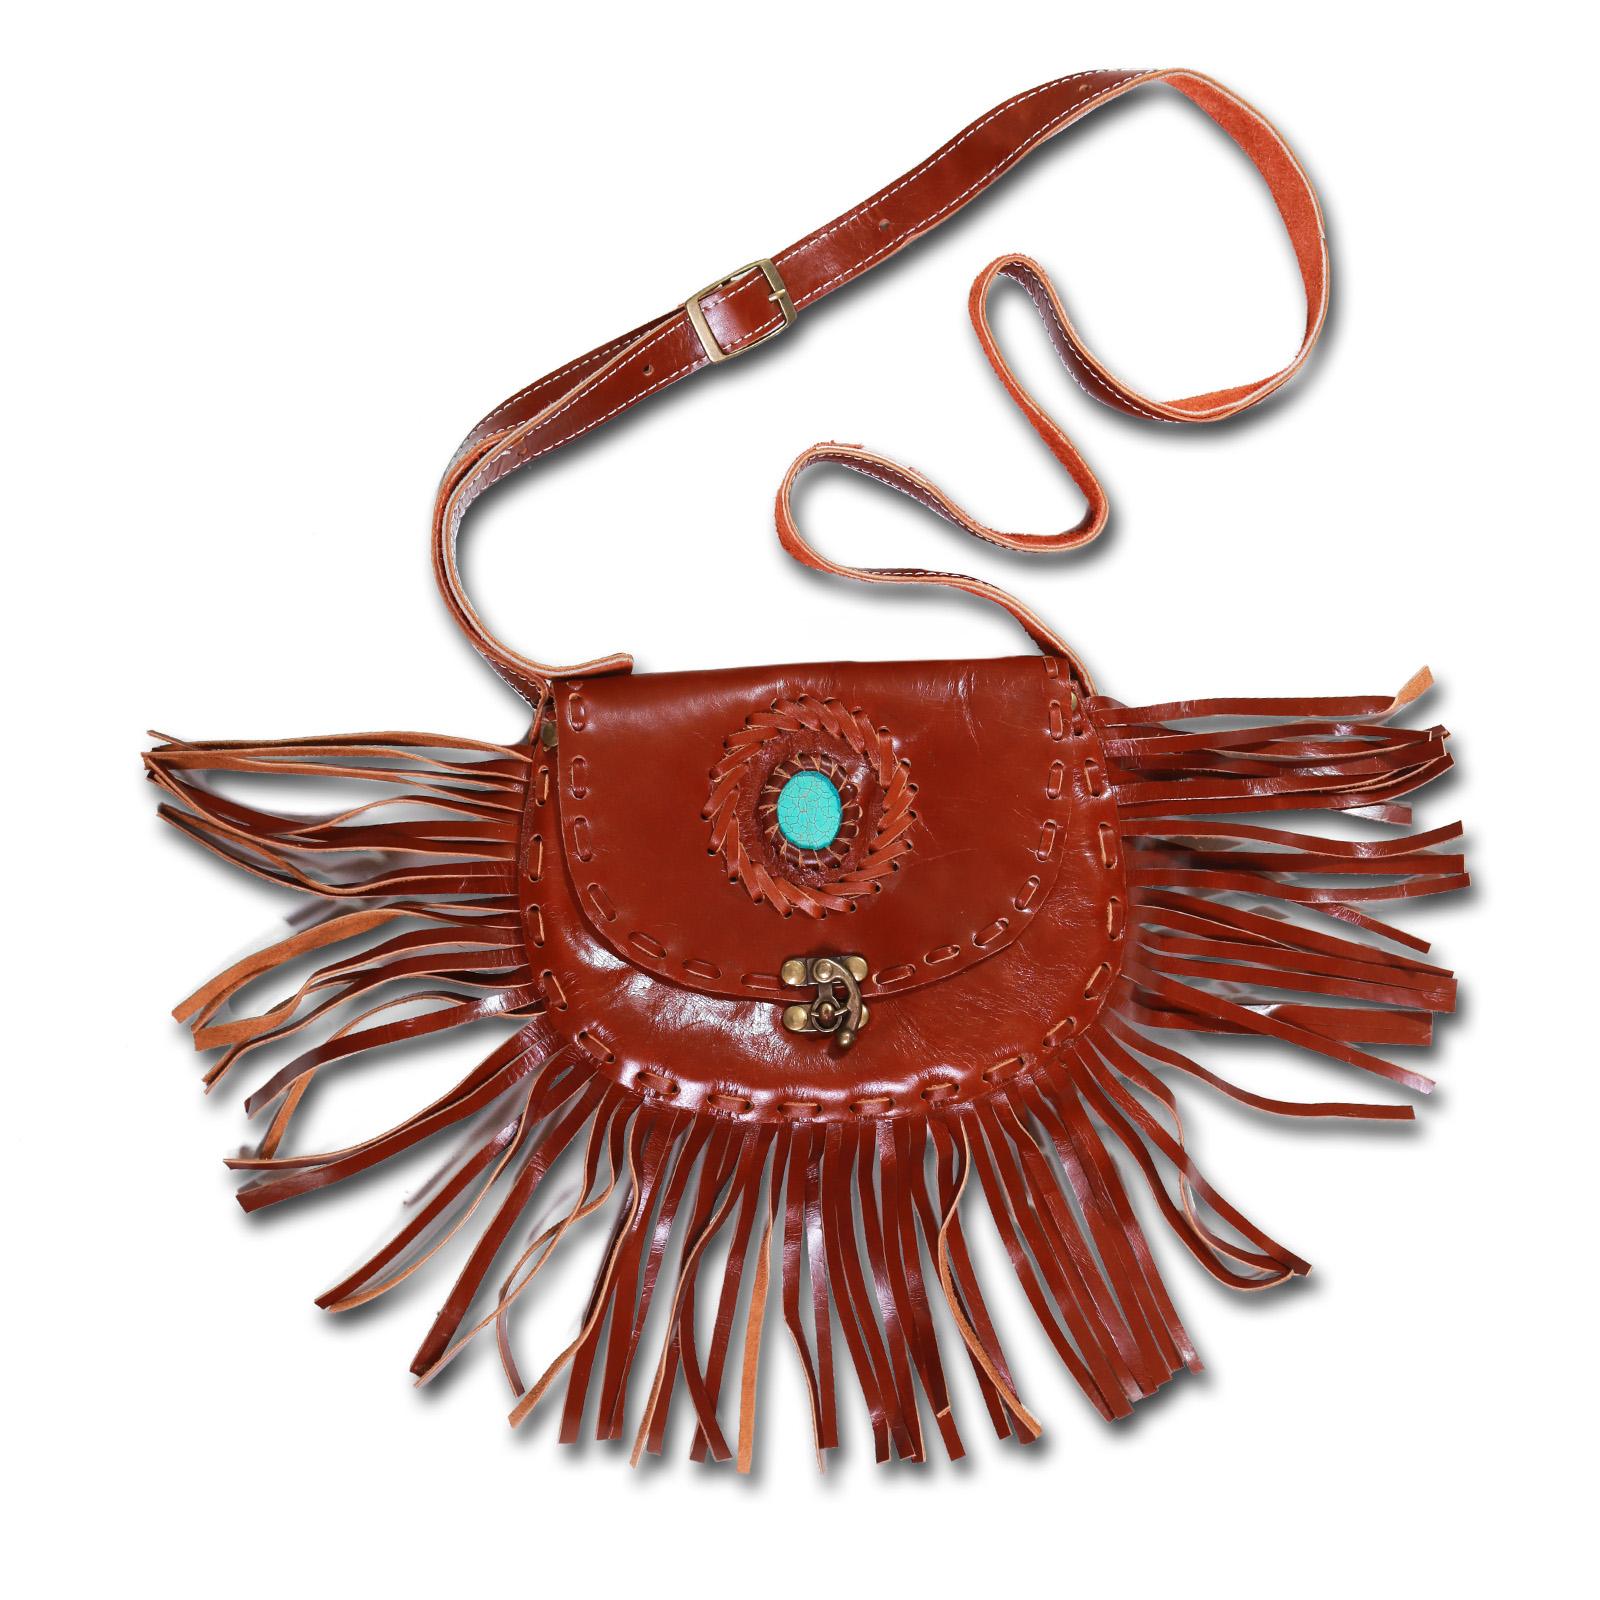 Kunst und Magie Western Damenhandtasche, Leder mit Stein und Fransen